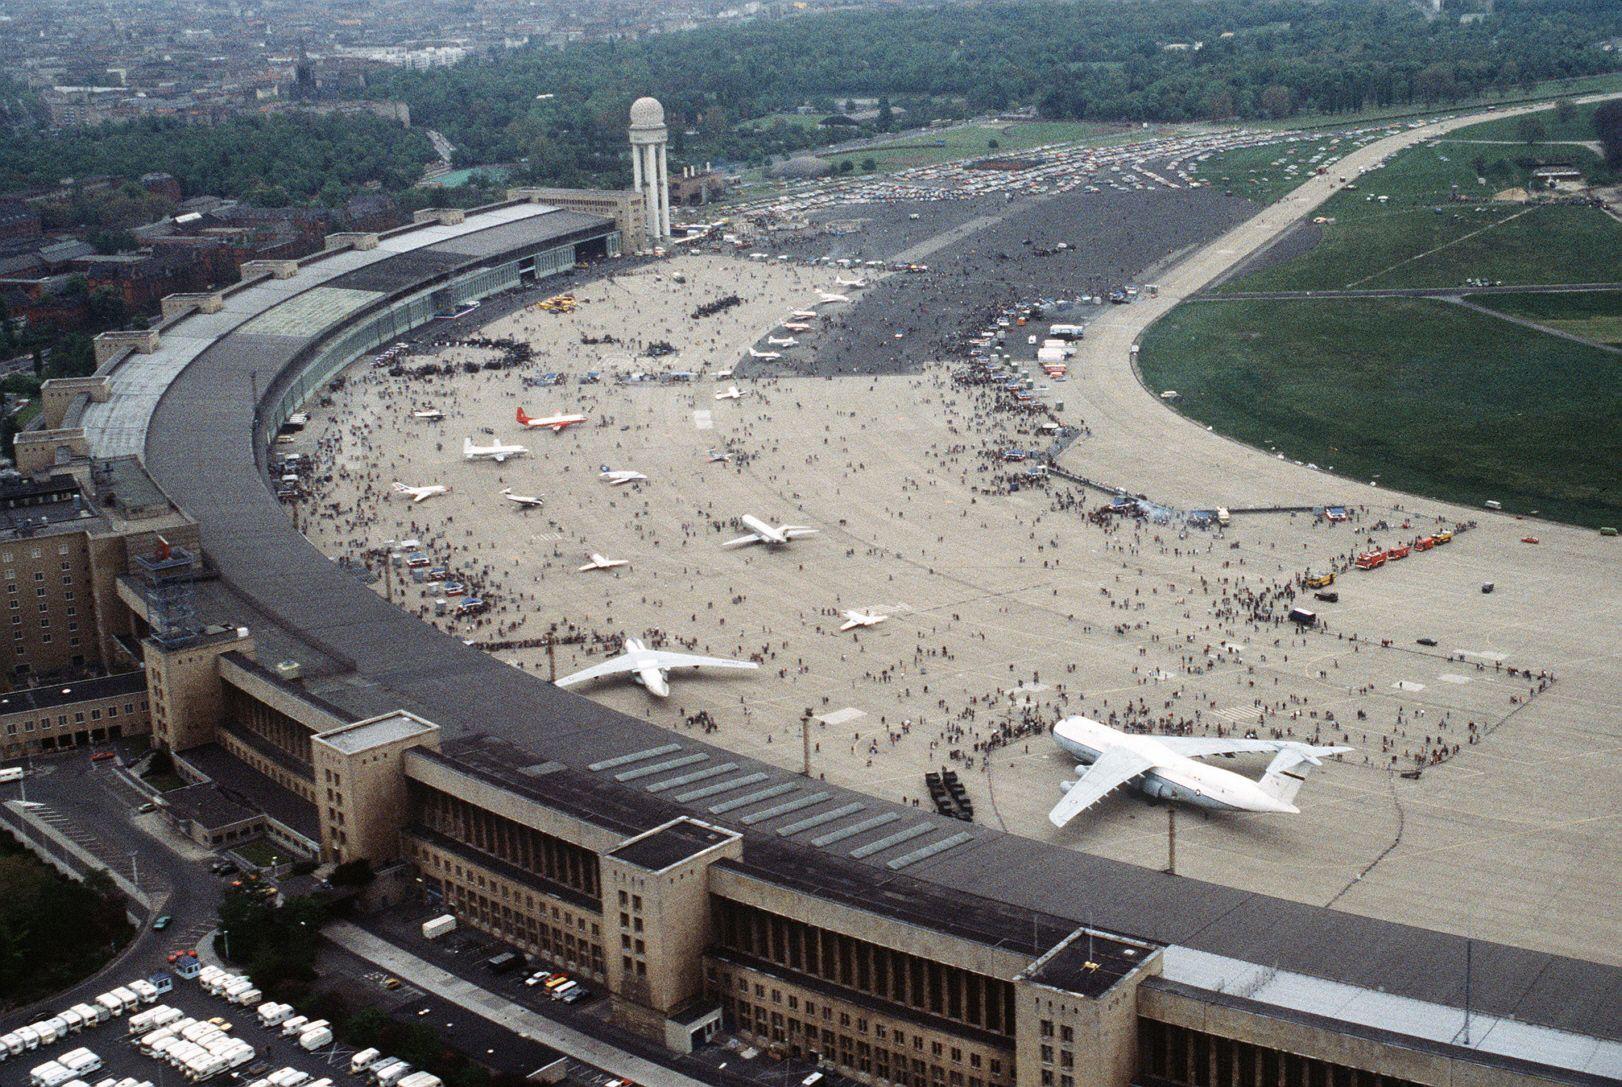 Flughafen Tempelhof 1984 Germany Berlin West Berlin